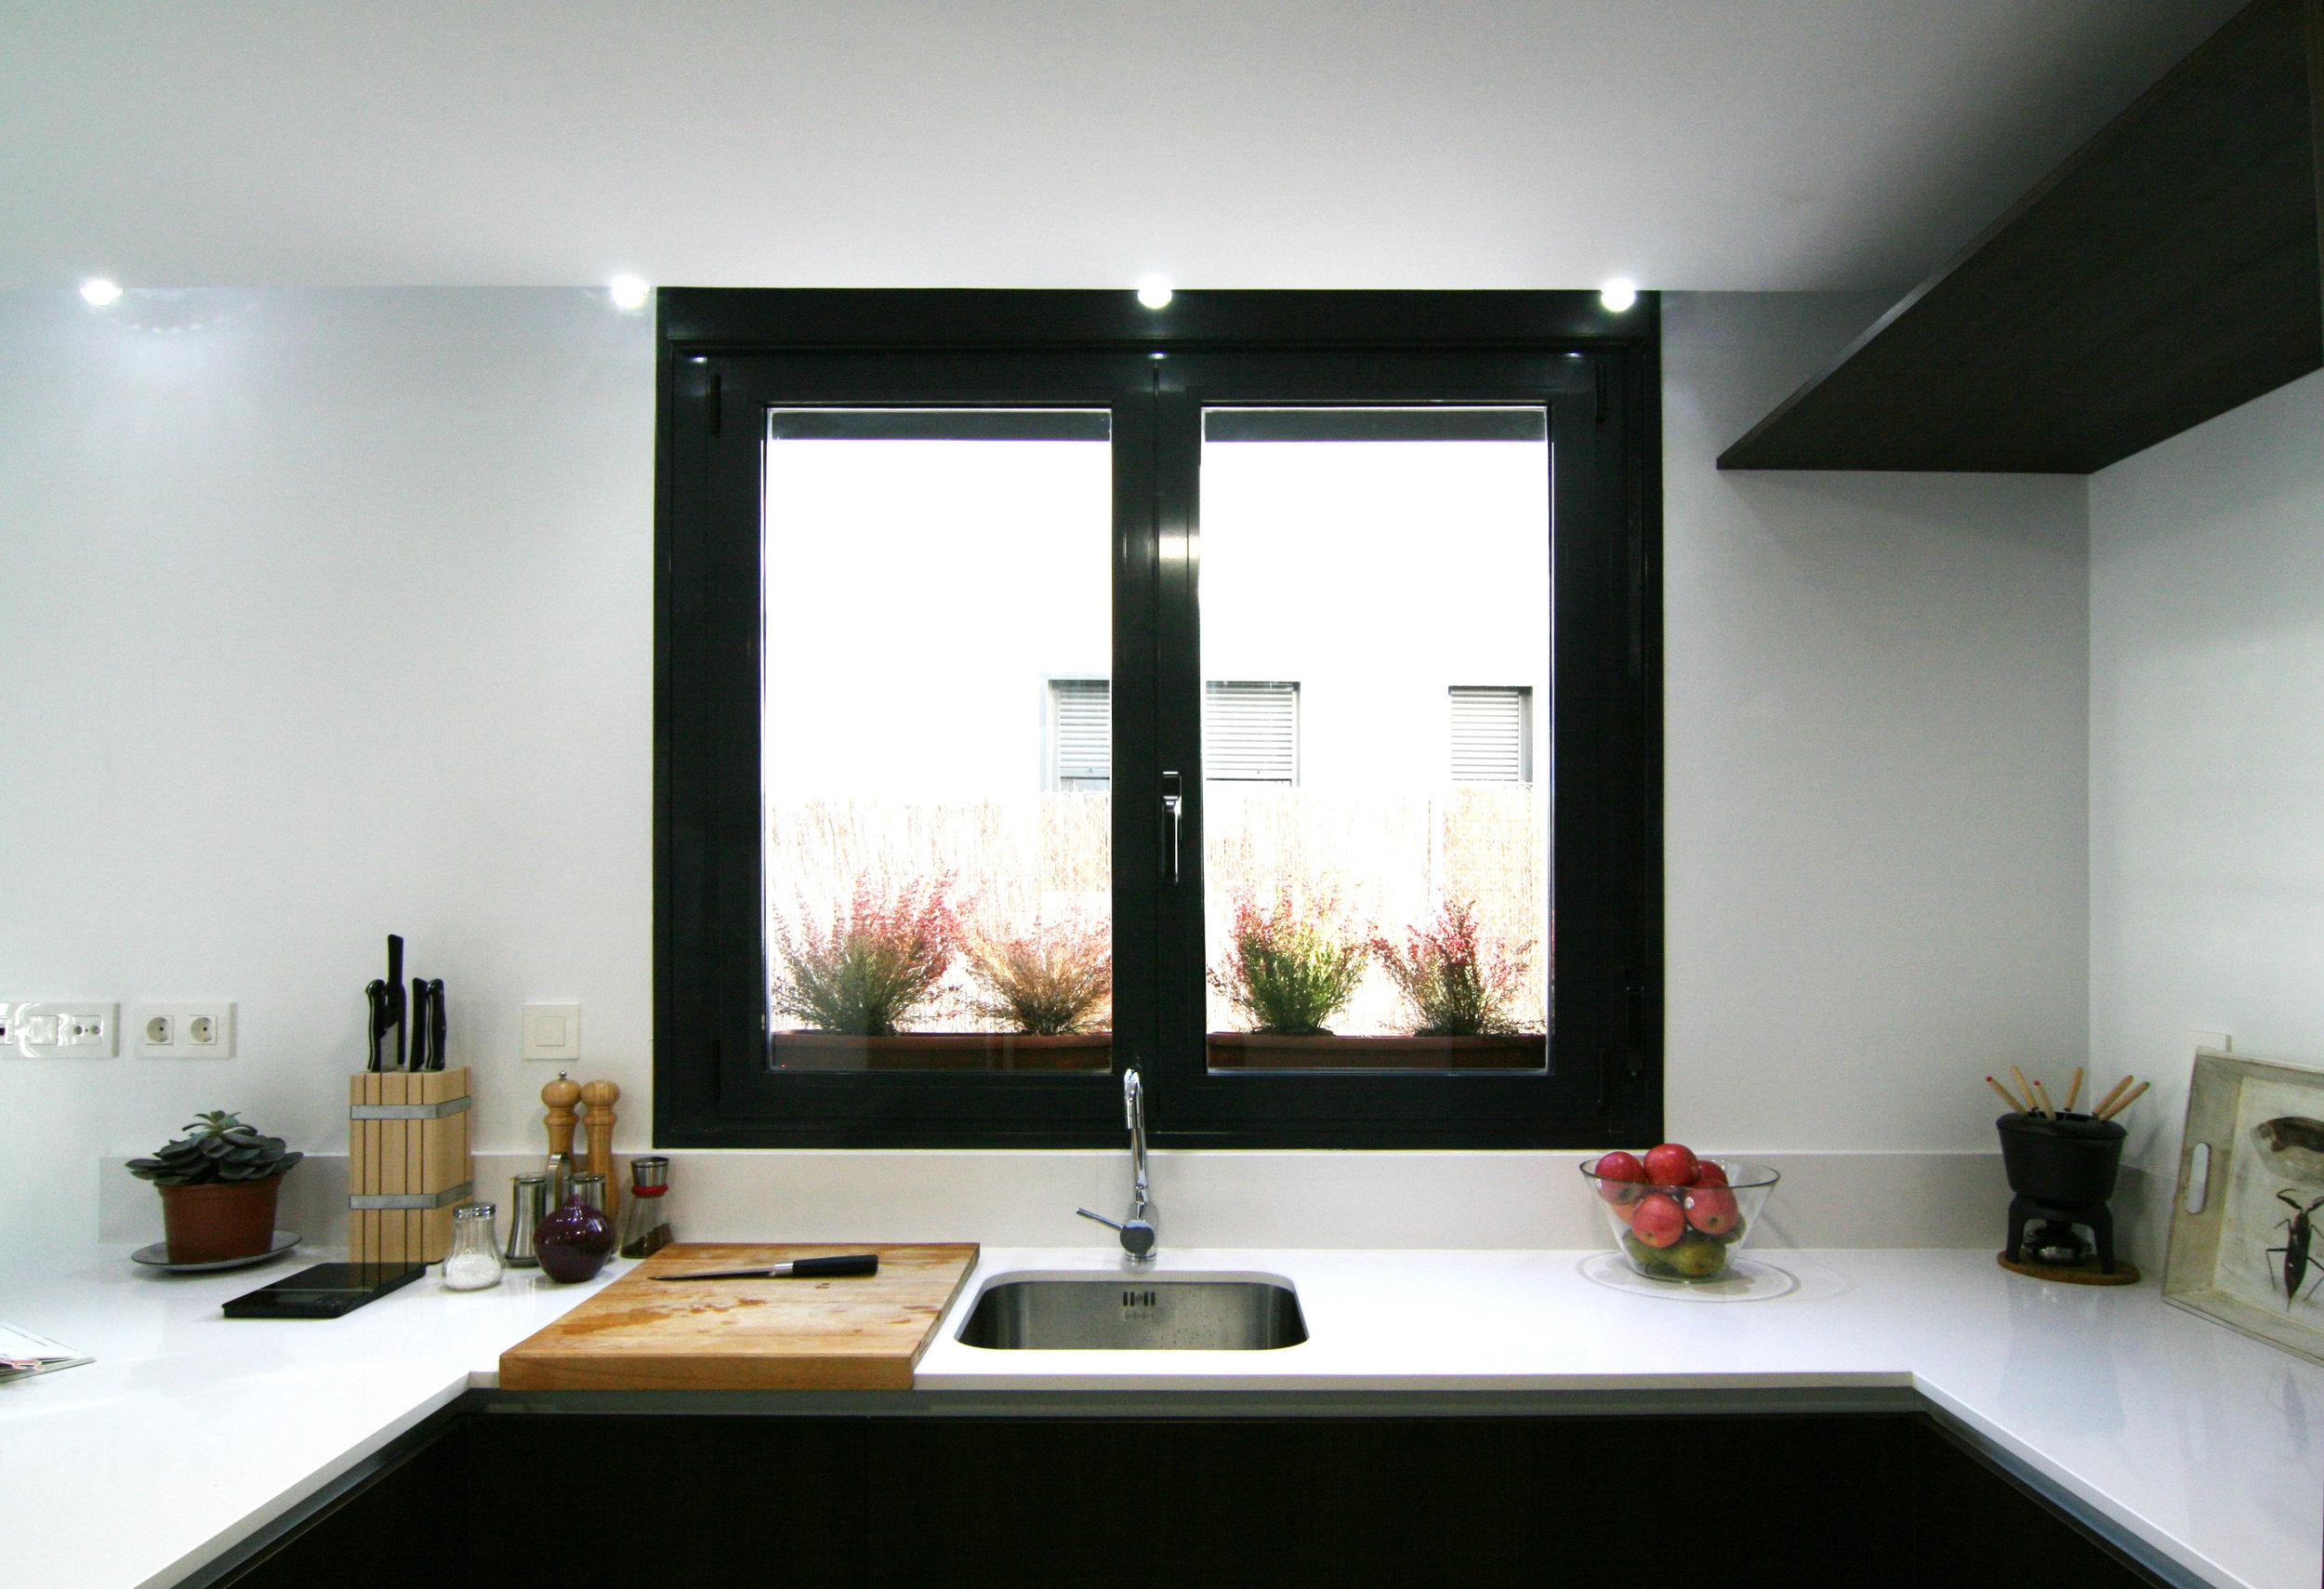 diseño slow emmme studio la cocina de Pablo y Esther - 04 - SM.jpg